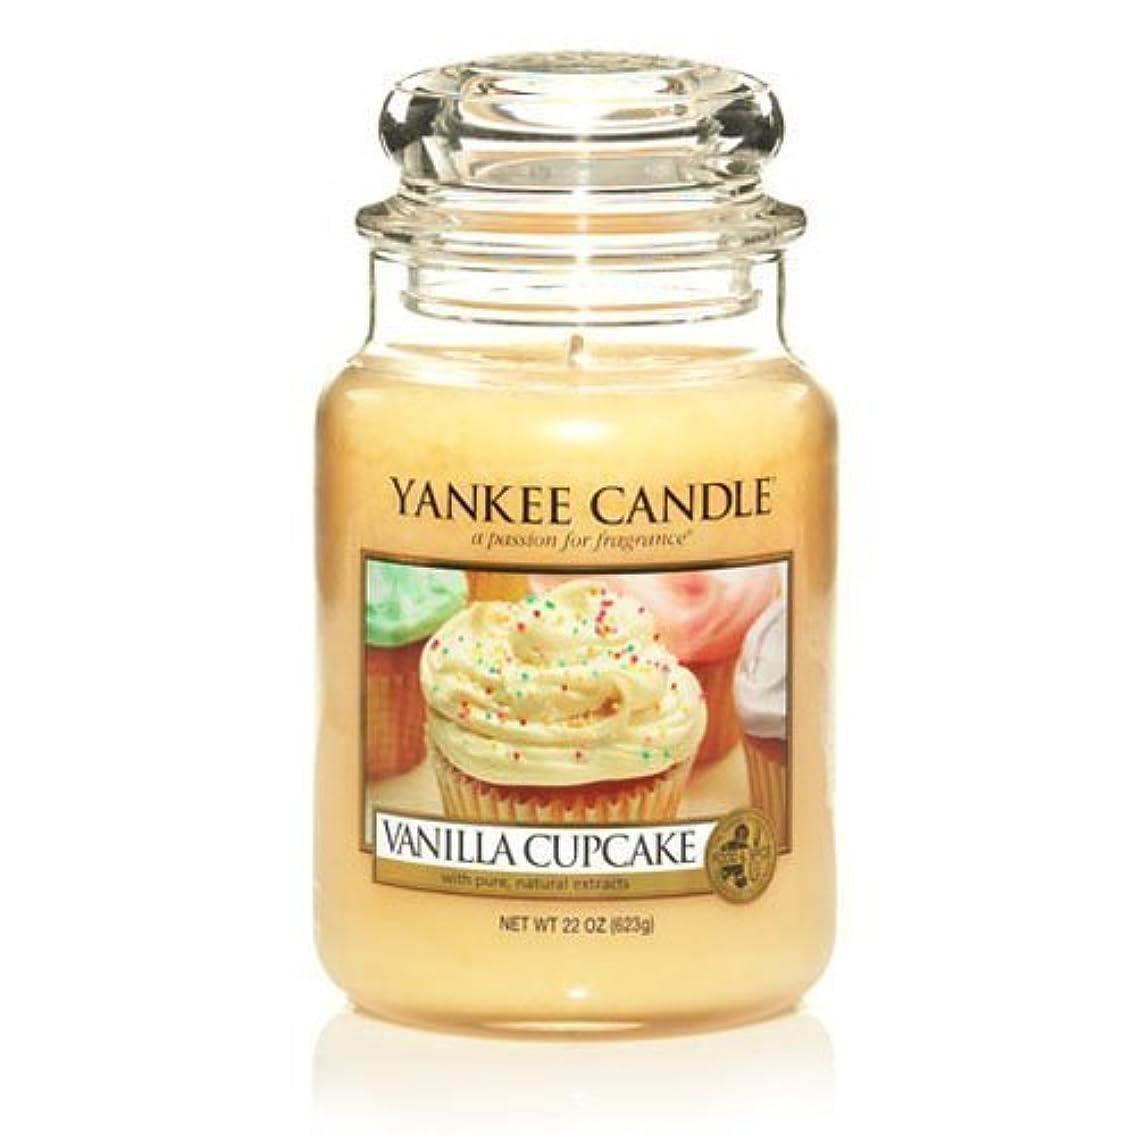 地区農場ふざけたLarge Yankee CAndle Jar Vanilla Cupcake by Yankee Candles [並行輸入品]